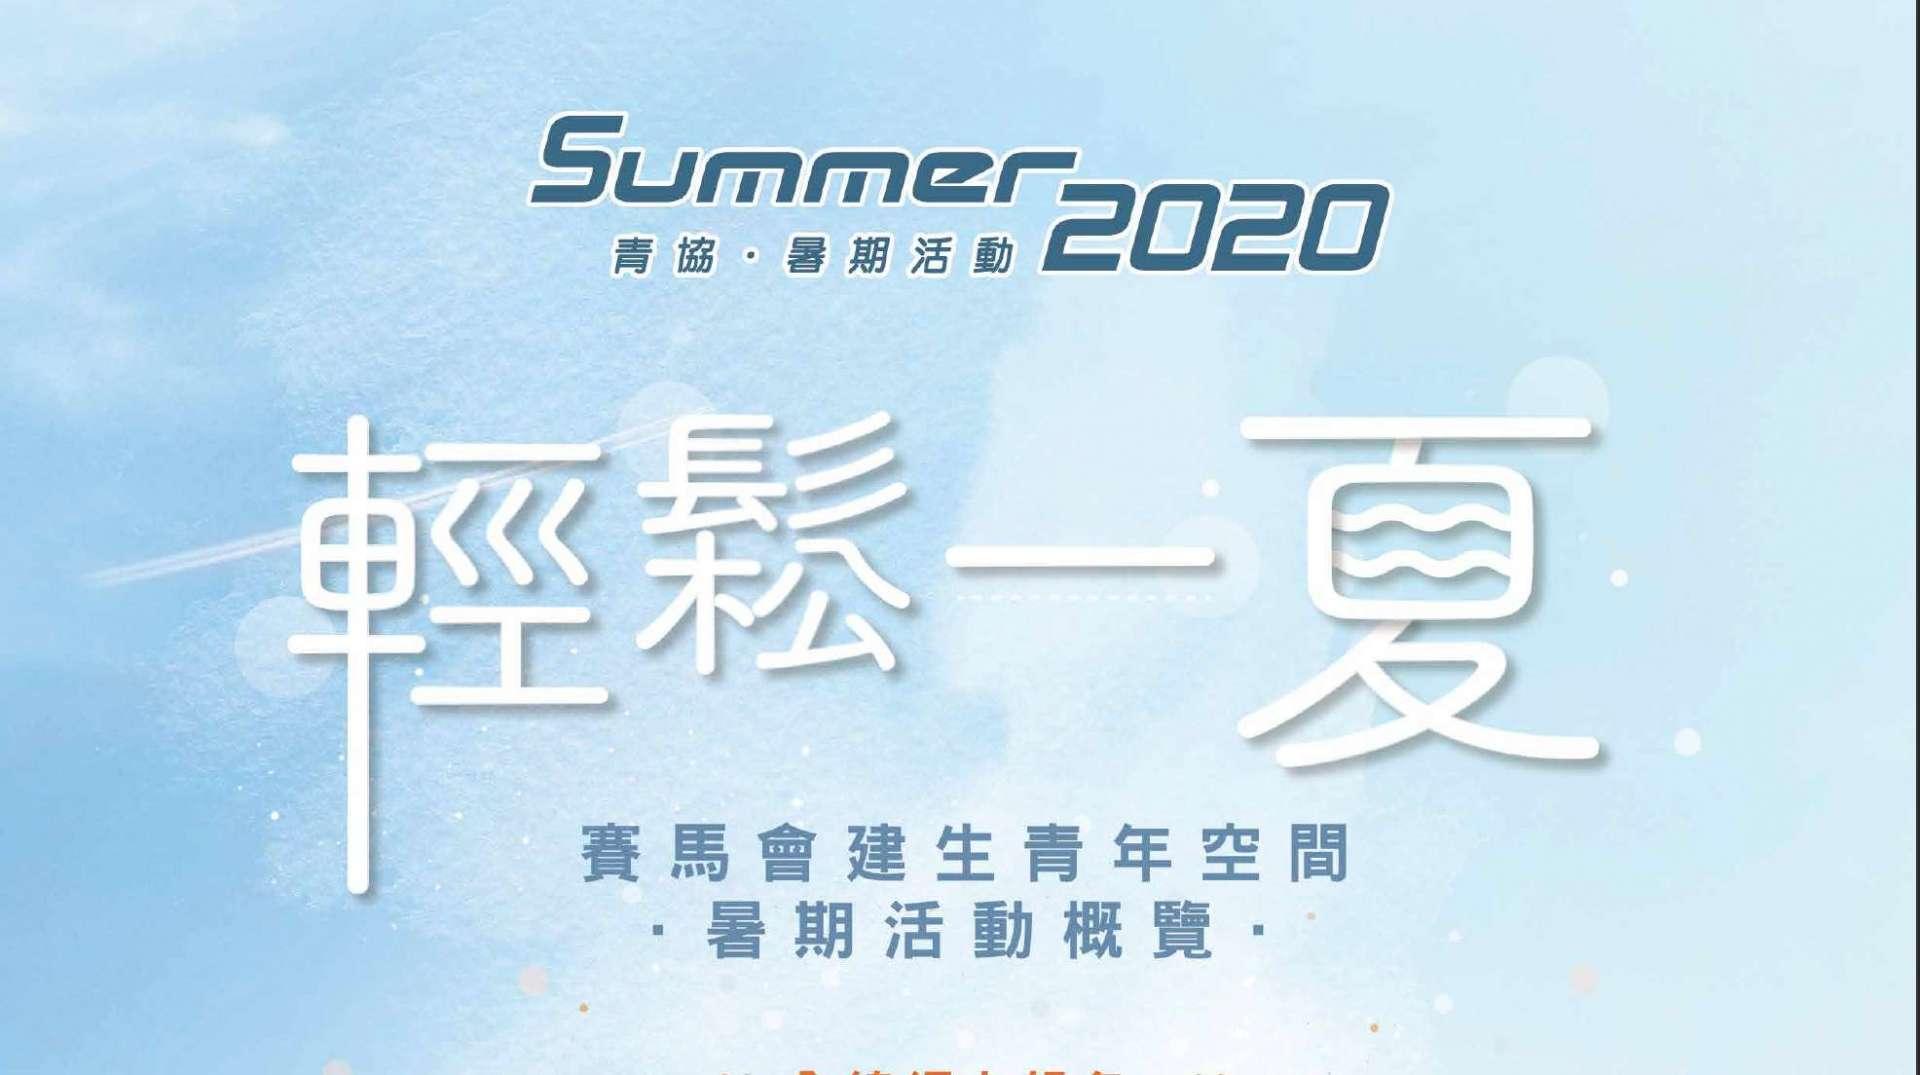 賽馬會建生青年空間 – 輕鬆一夏 ! 暑期活動報名開始啦 !